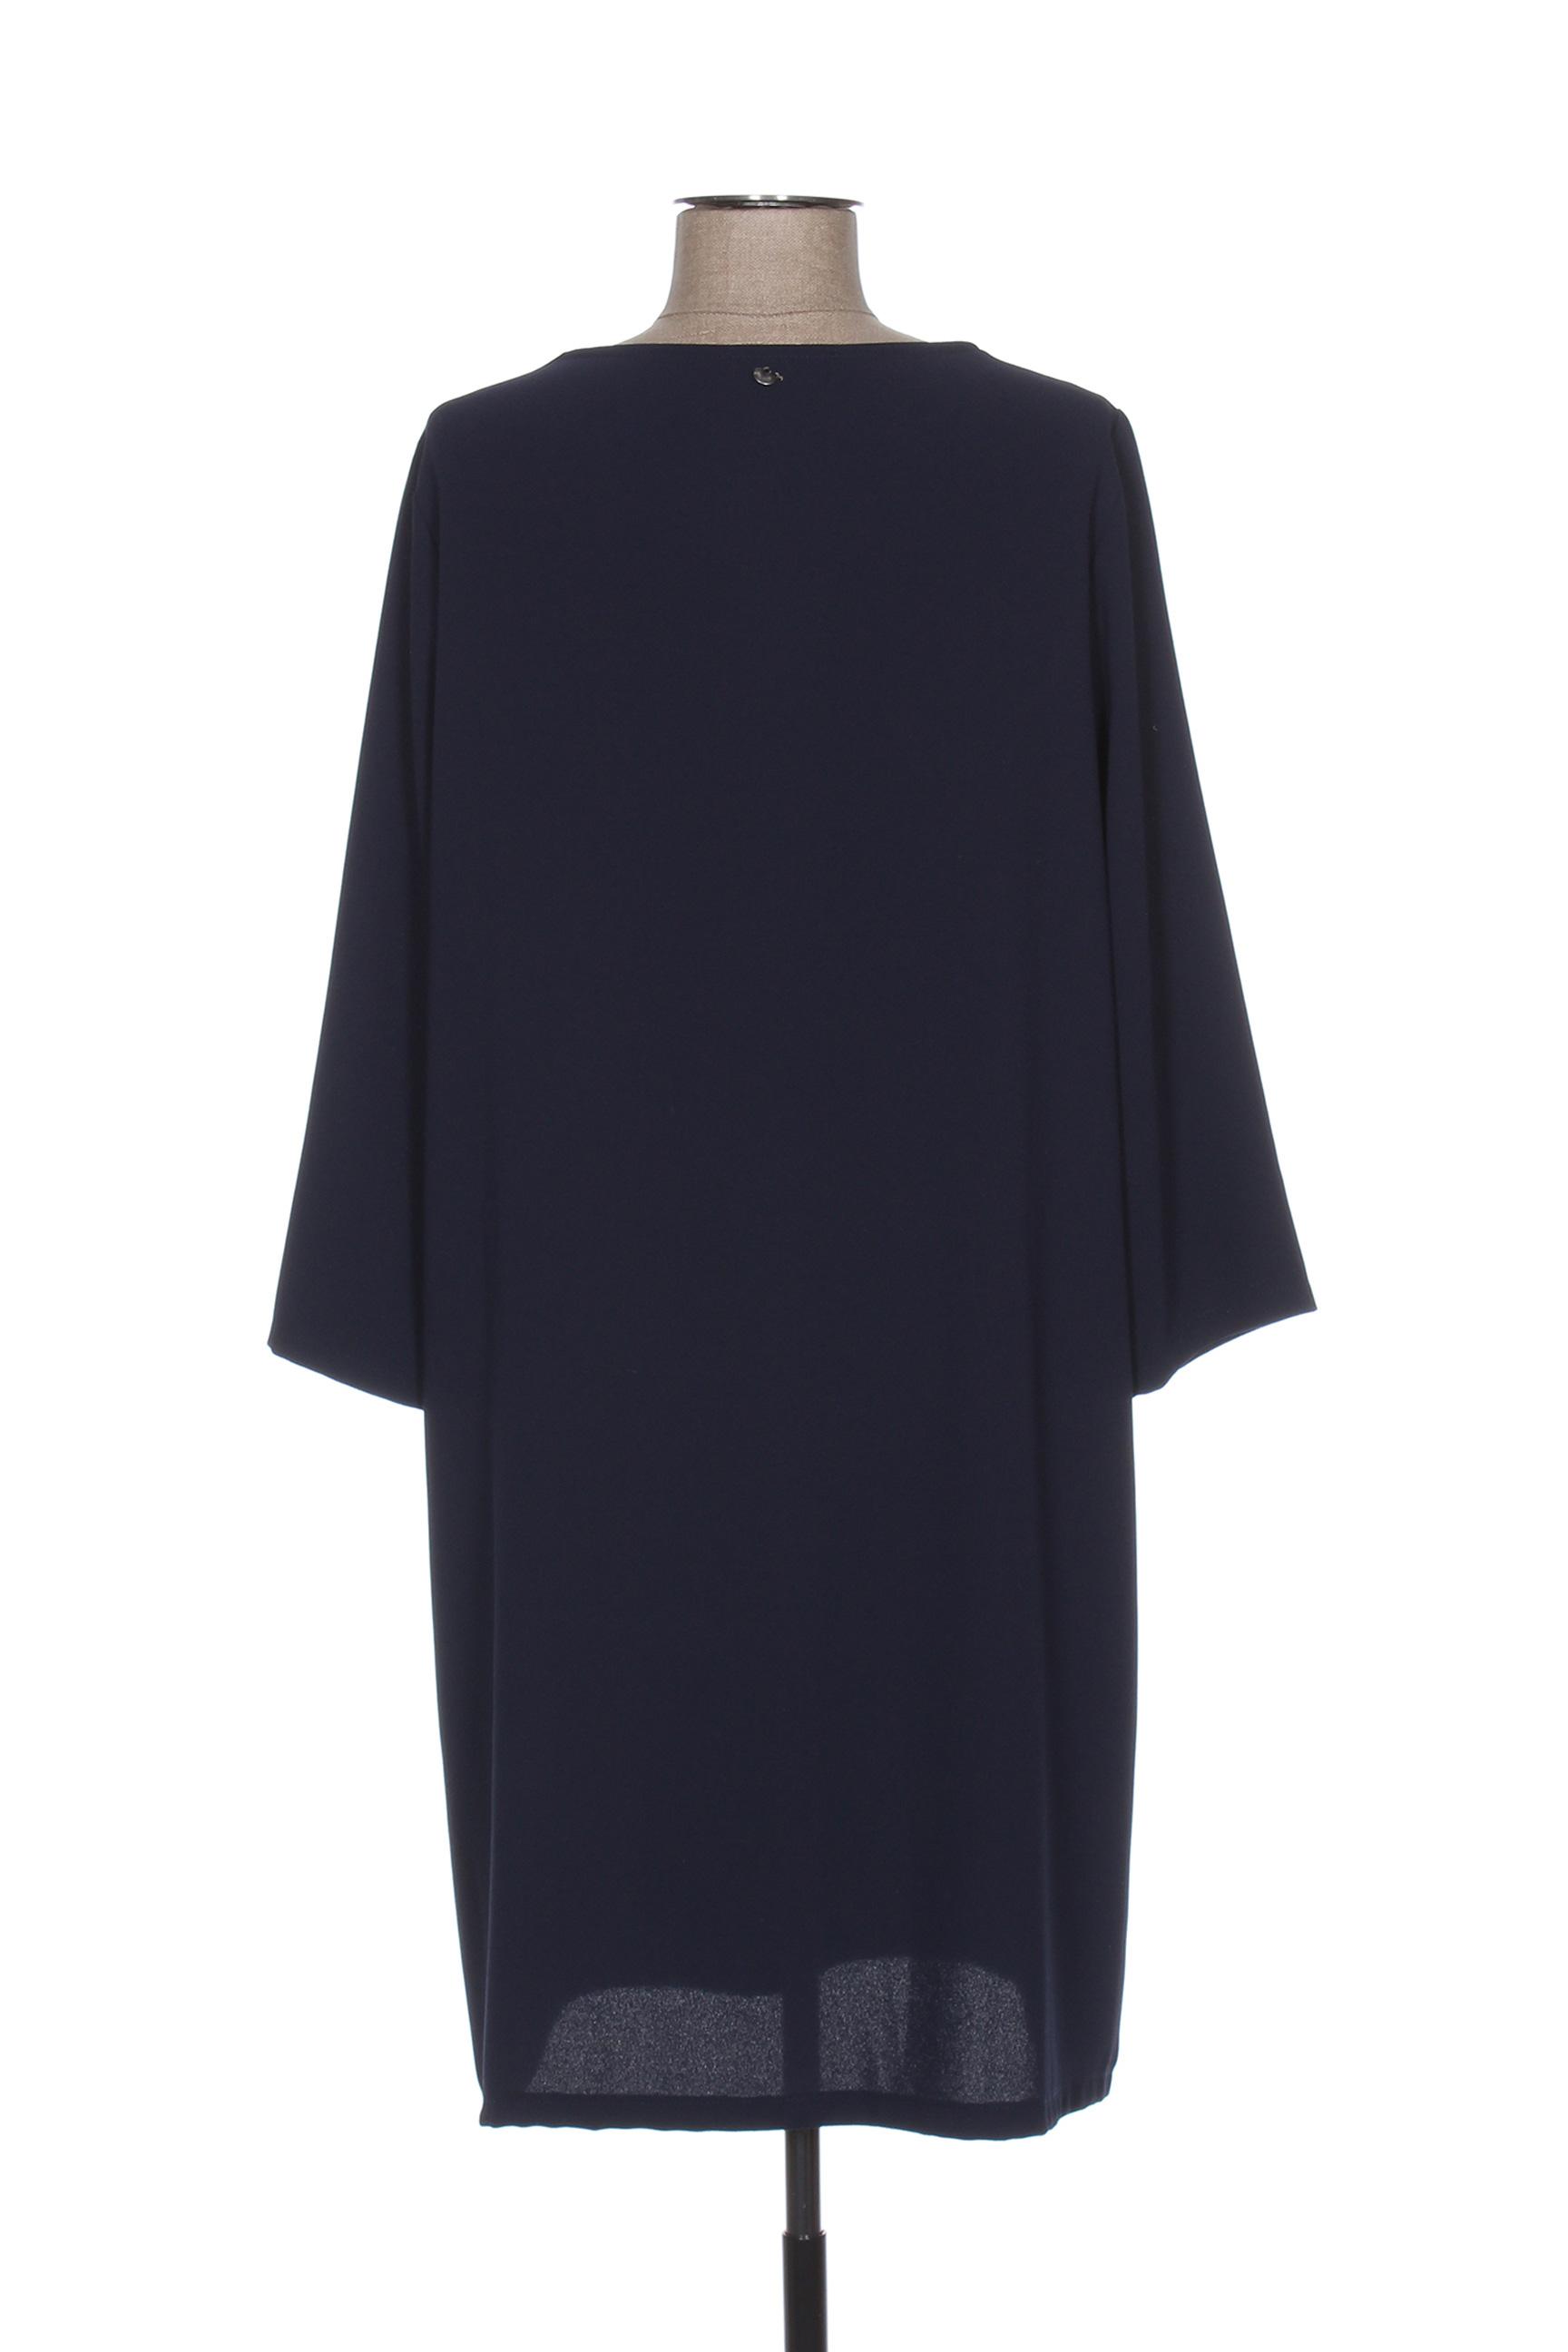 Le Phare De La Baleine Robes Mi Longues Femme Couleur Bleu En Soldes Pas Cher 1279323-bleu00